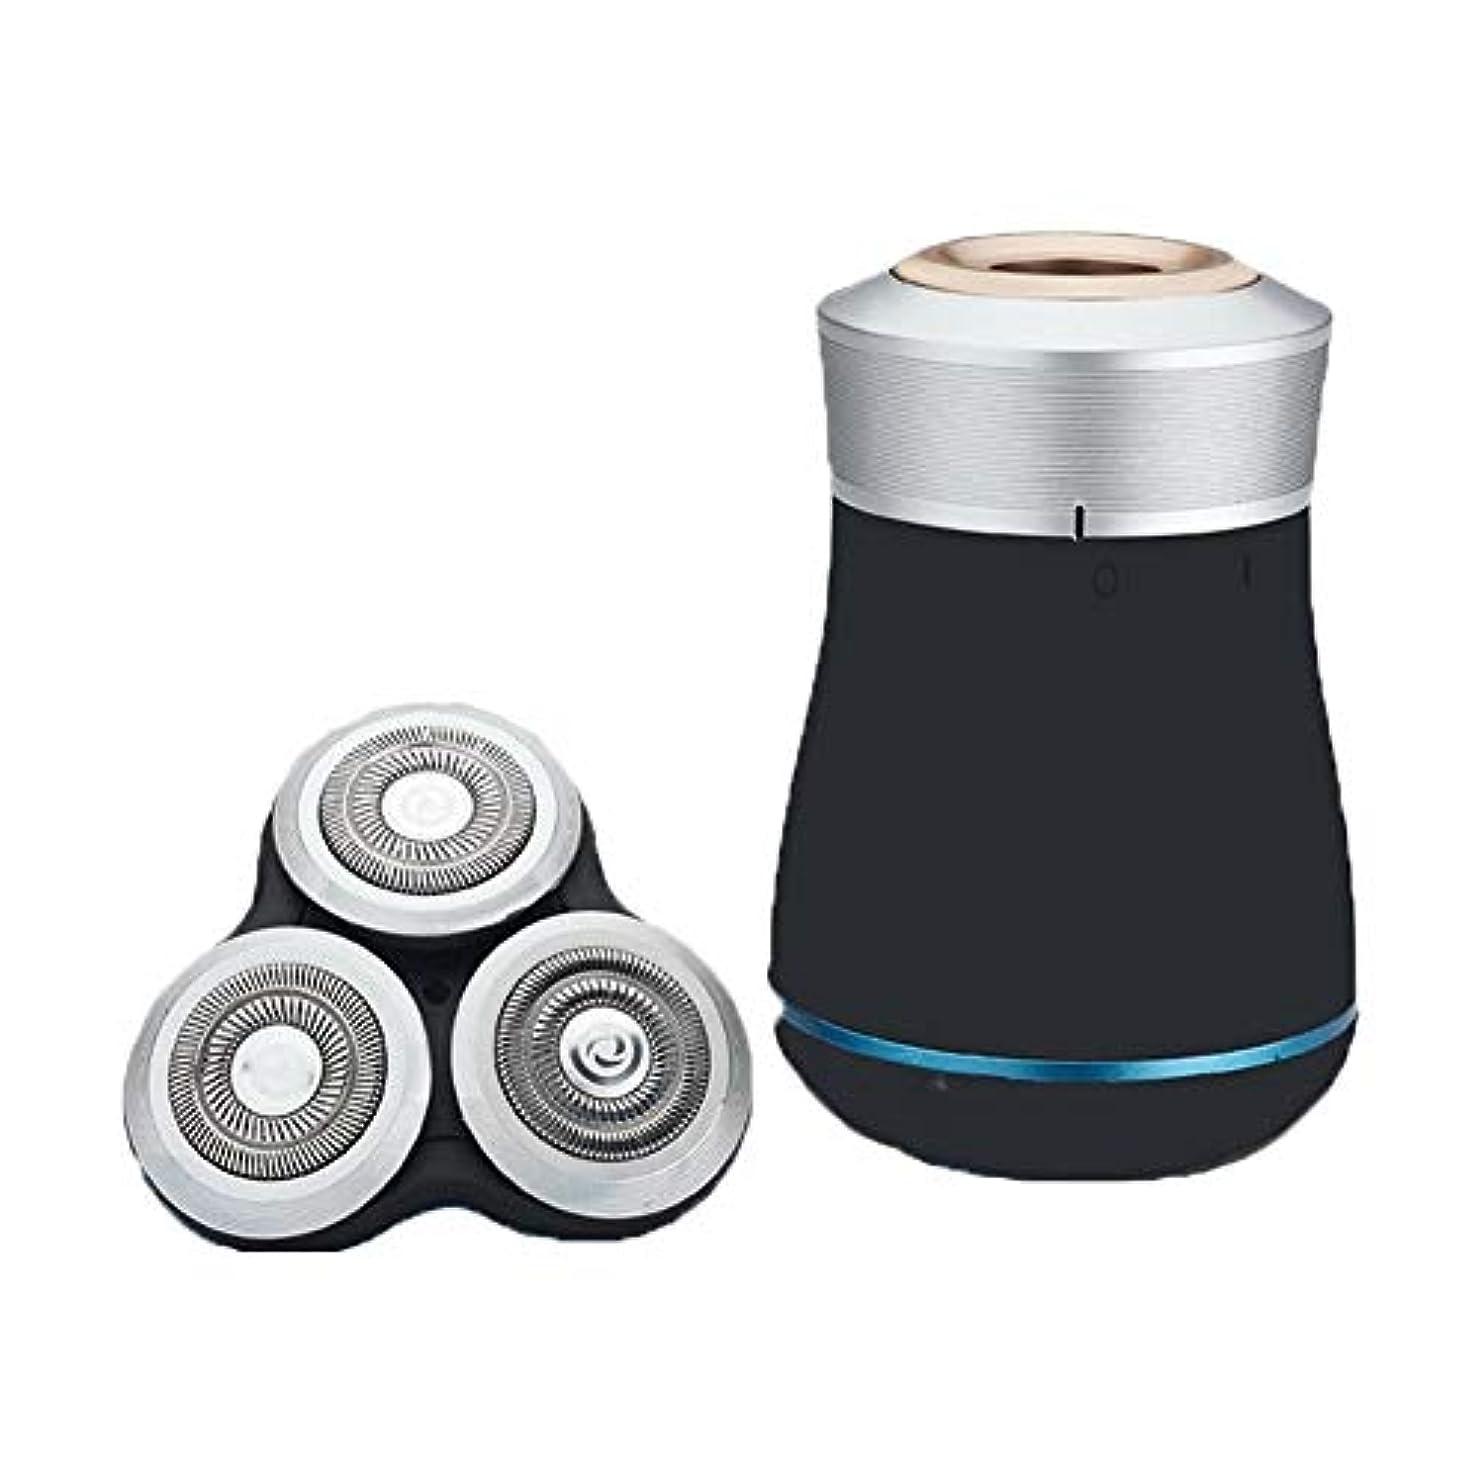 電気男性シェーバー、コードレスレトロ防水IPX7 4Dカミソリ個別に3つのフローティングヘッド  湿気と乾燥トラベルロータリーシェーバー